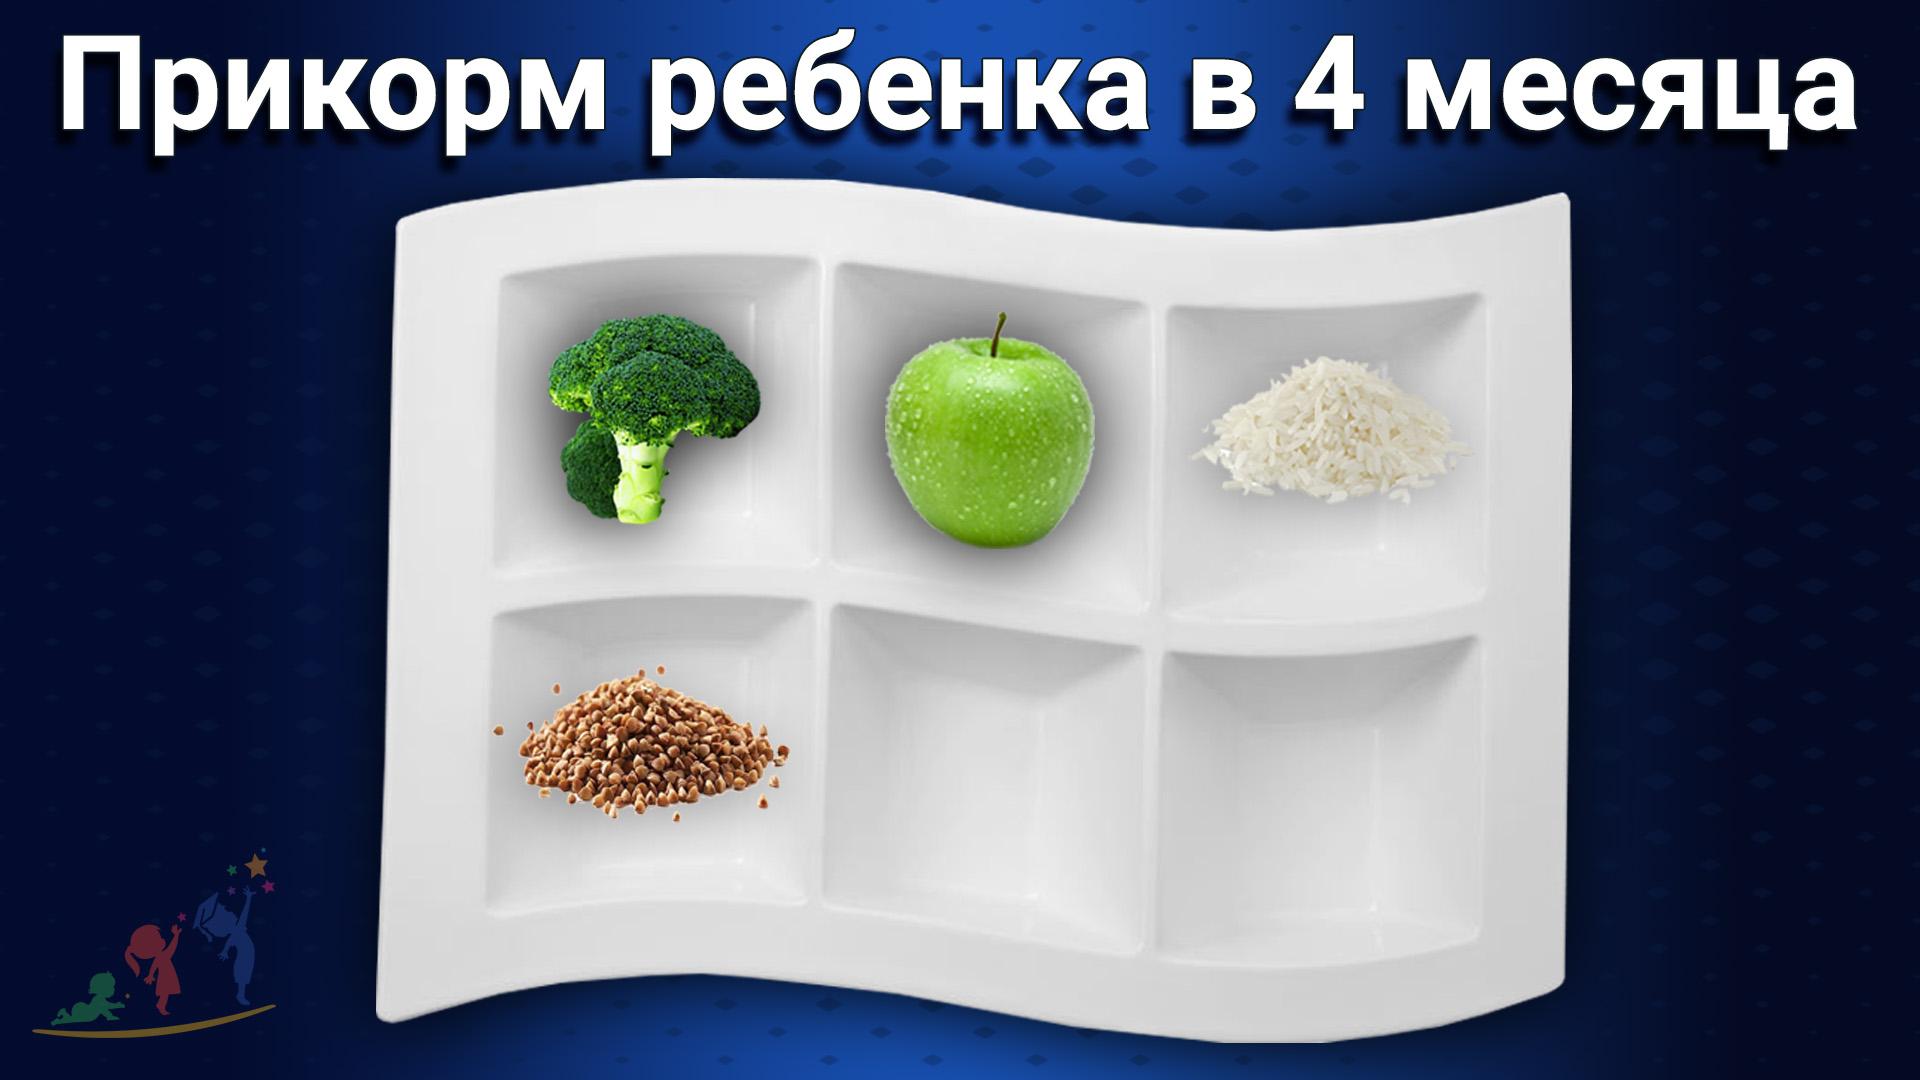 Таблица - прикорм ребенка в 4 месяца